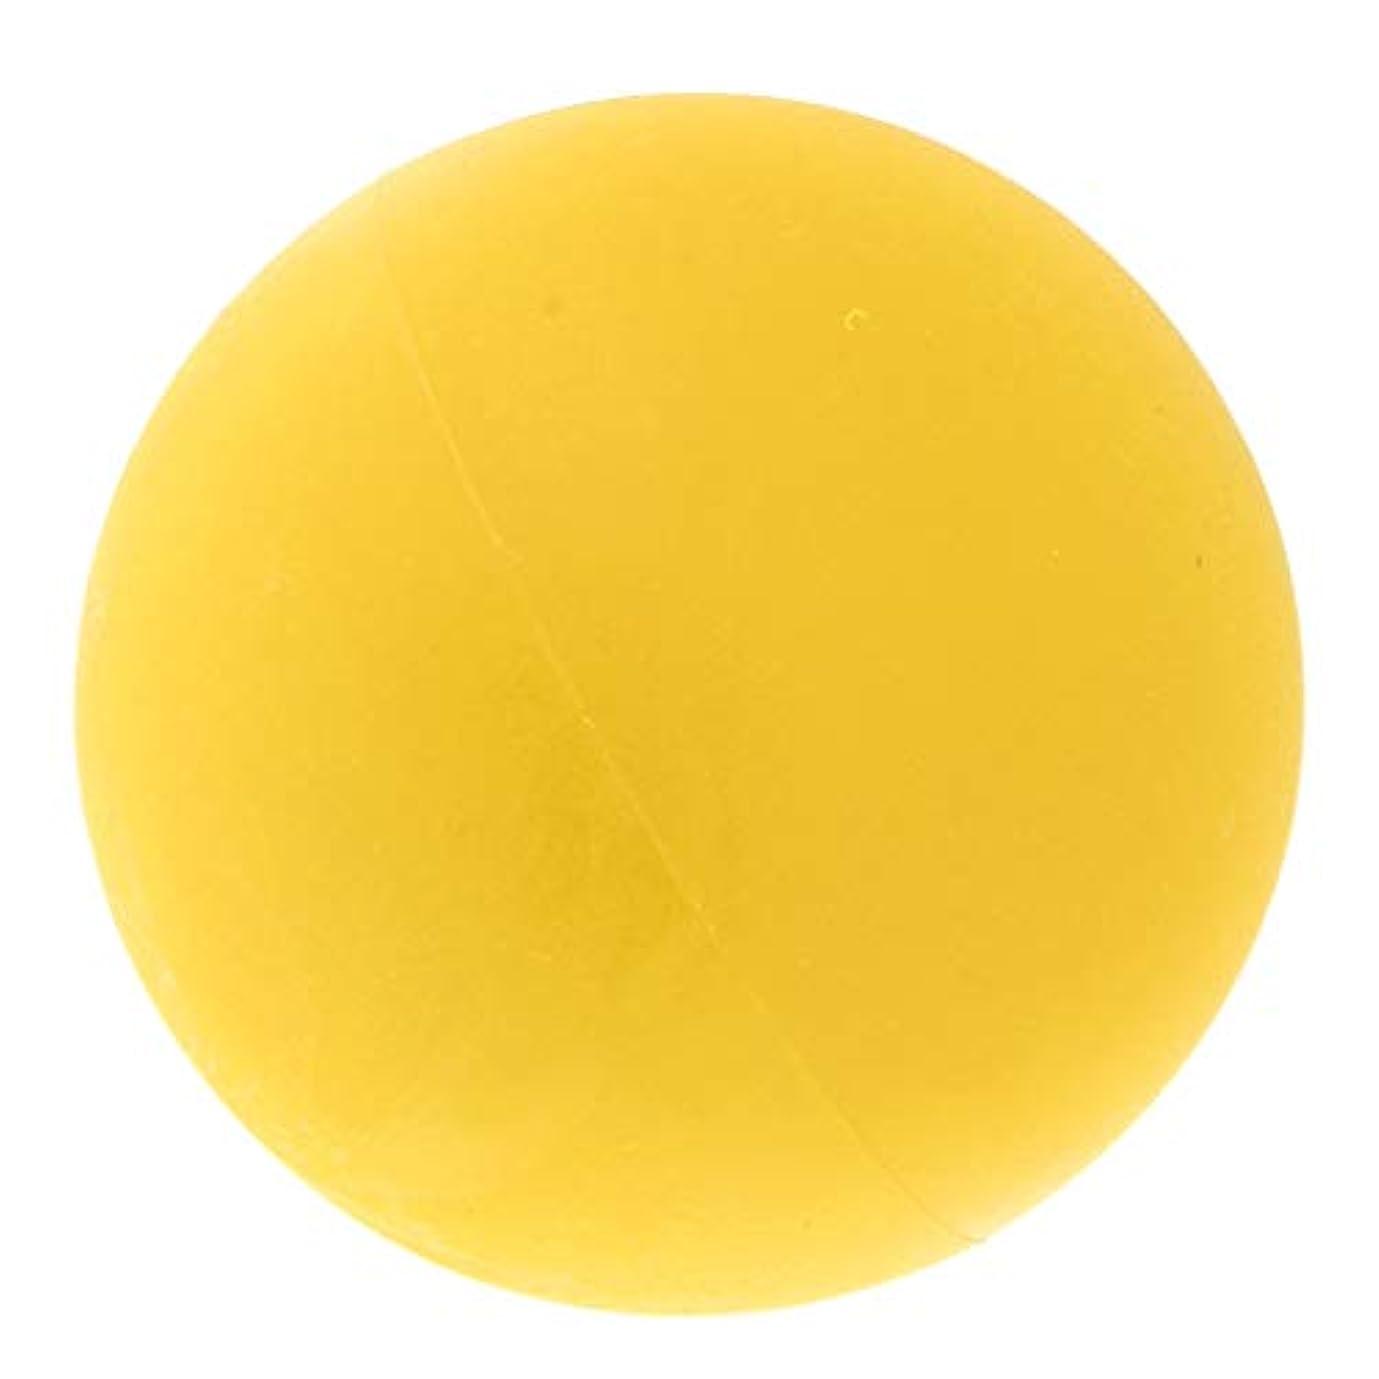 経験咳大声でP Prettyia マッサージボール トリガーポイント 筋膜リリース トレーニング ヨガ ツボ押しグッズ 全4色 - 黄